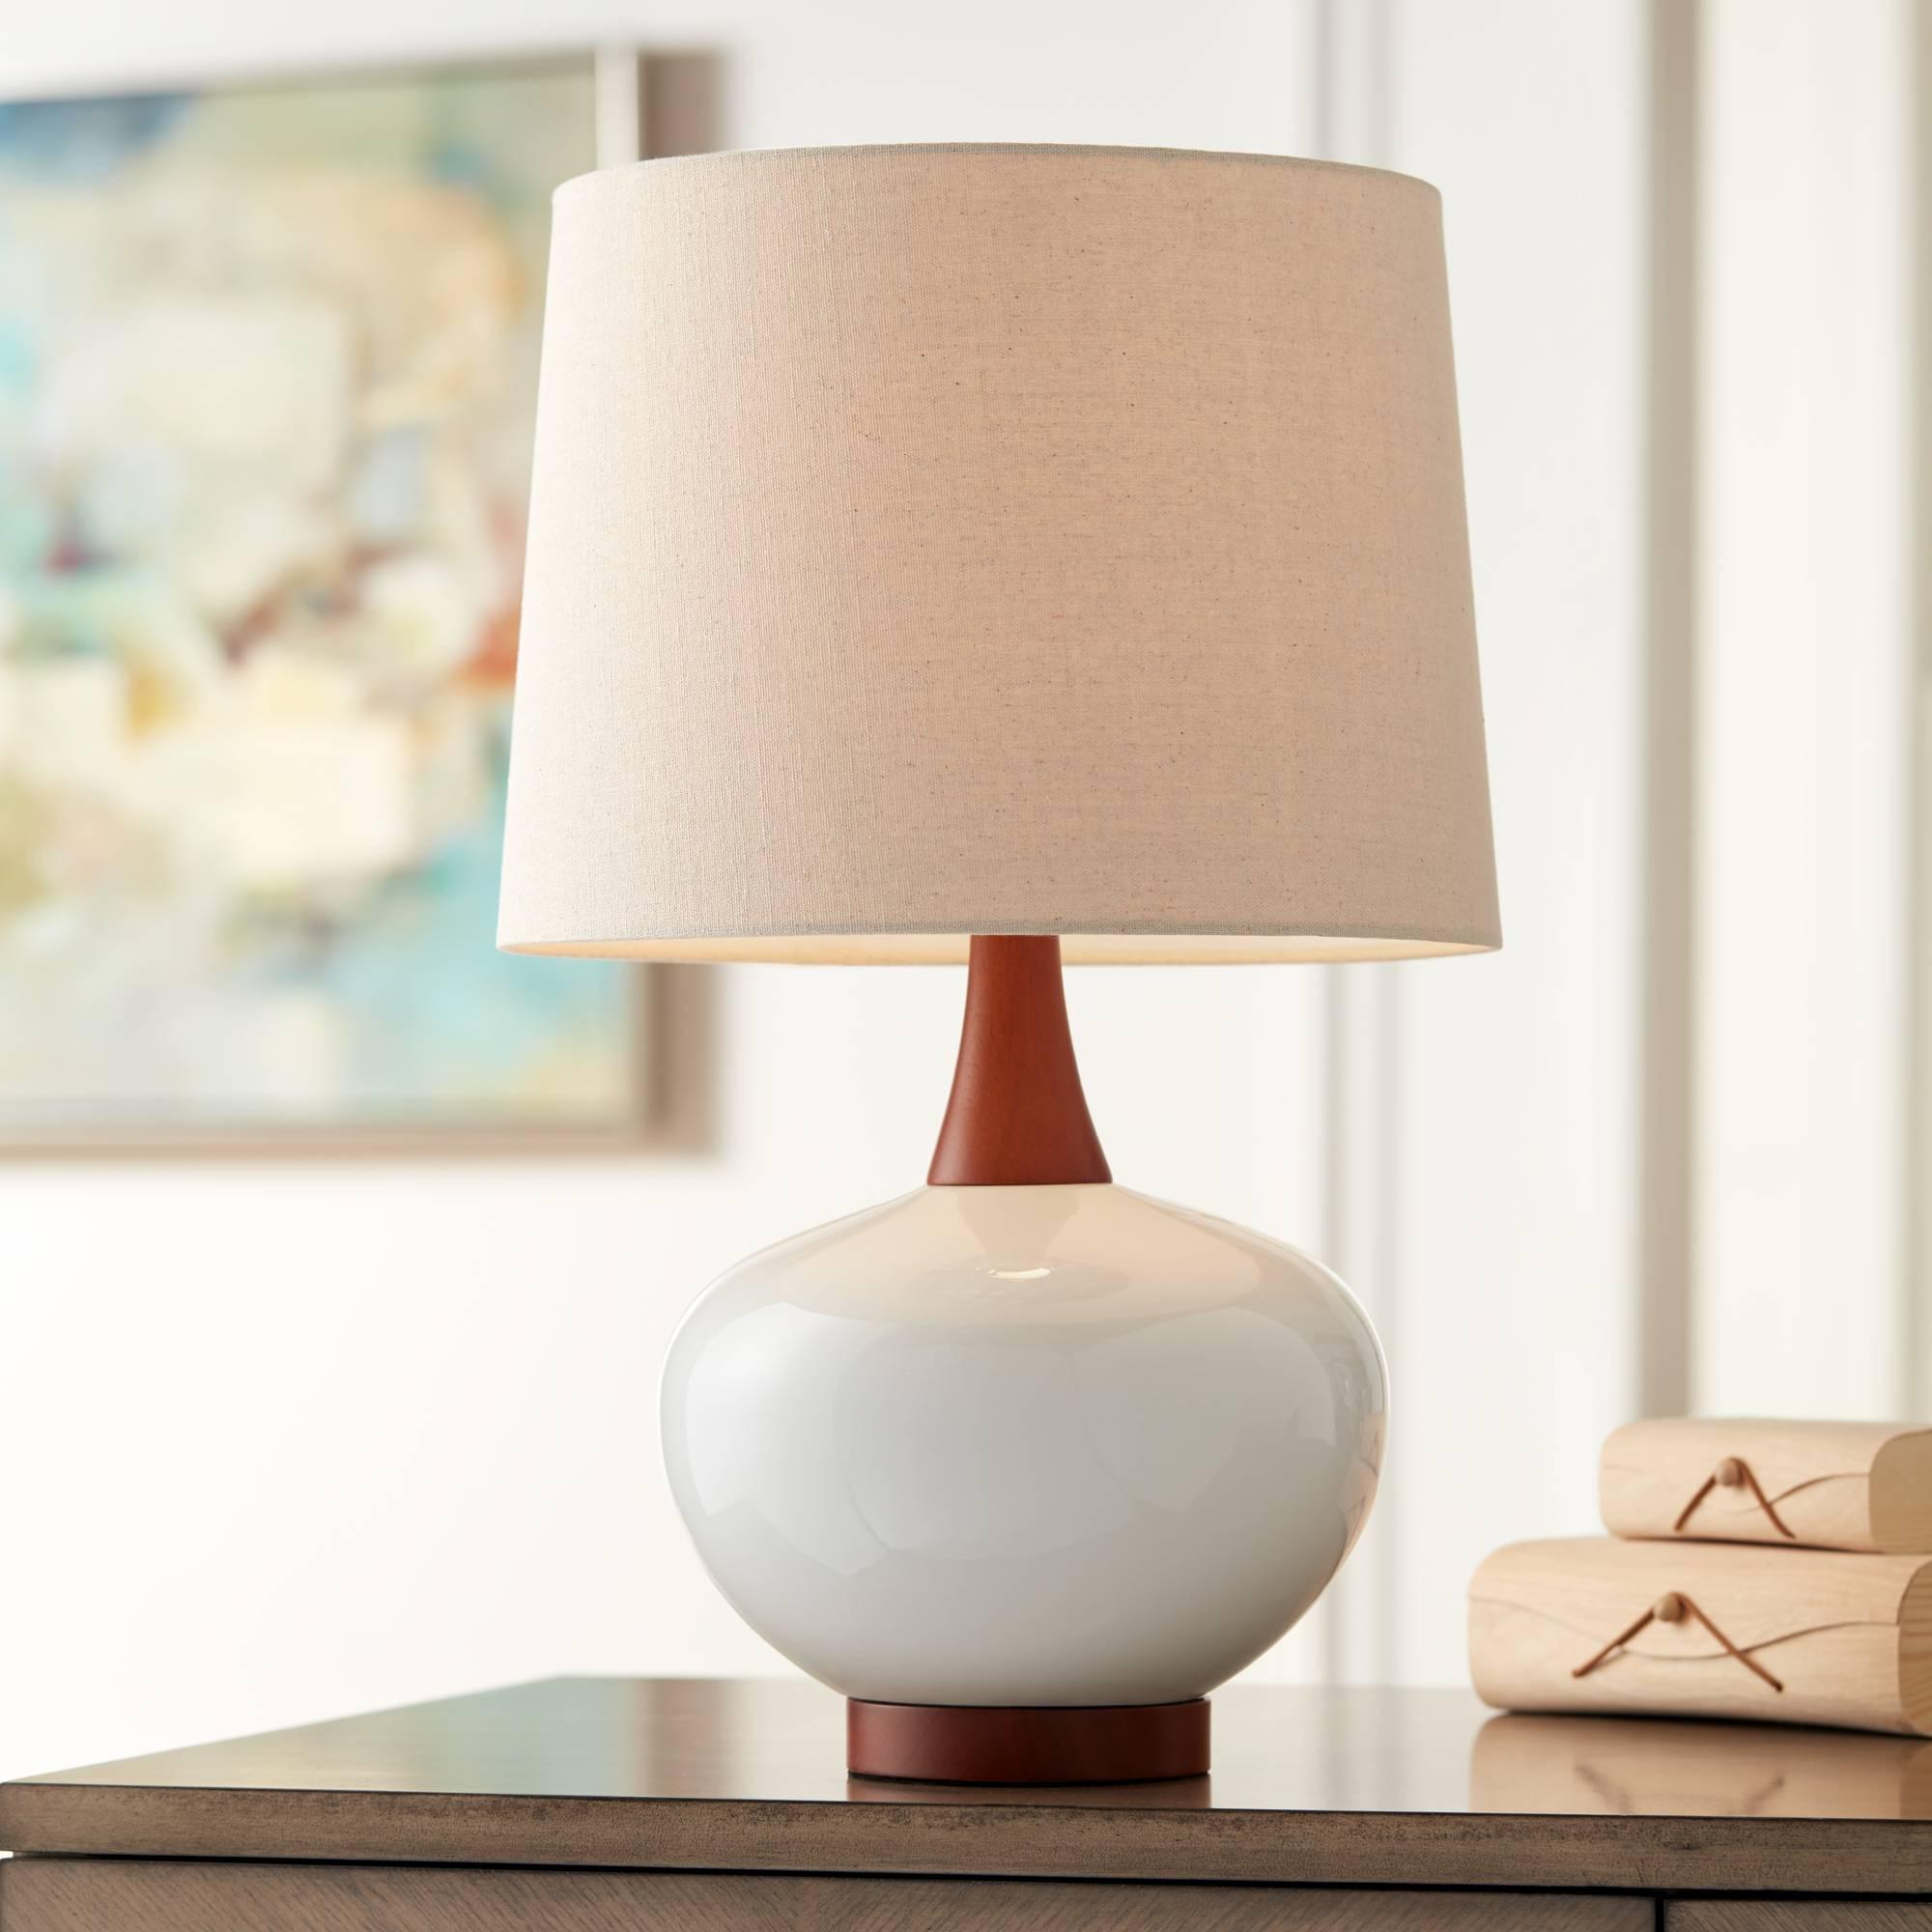 Mid Century Modern Table Lamp Ceramic Ivory For Living Room Family